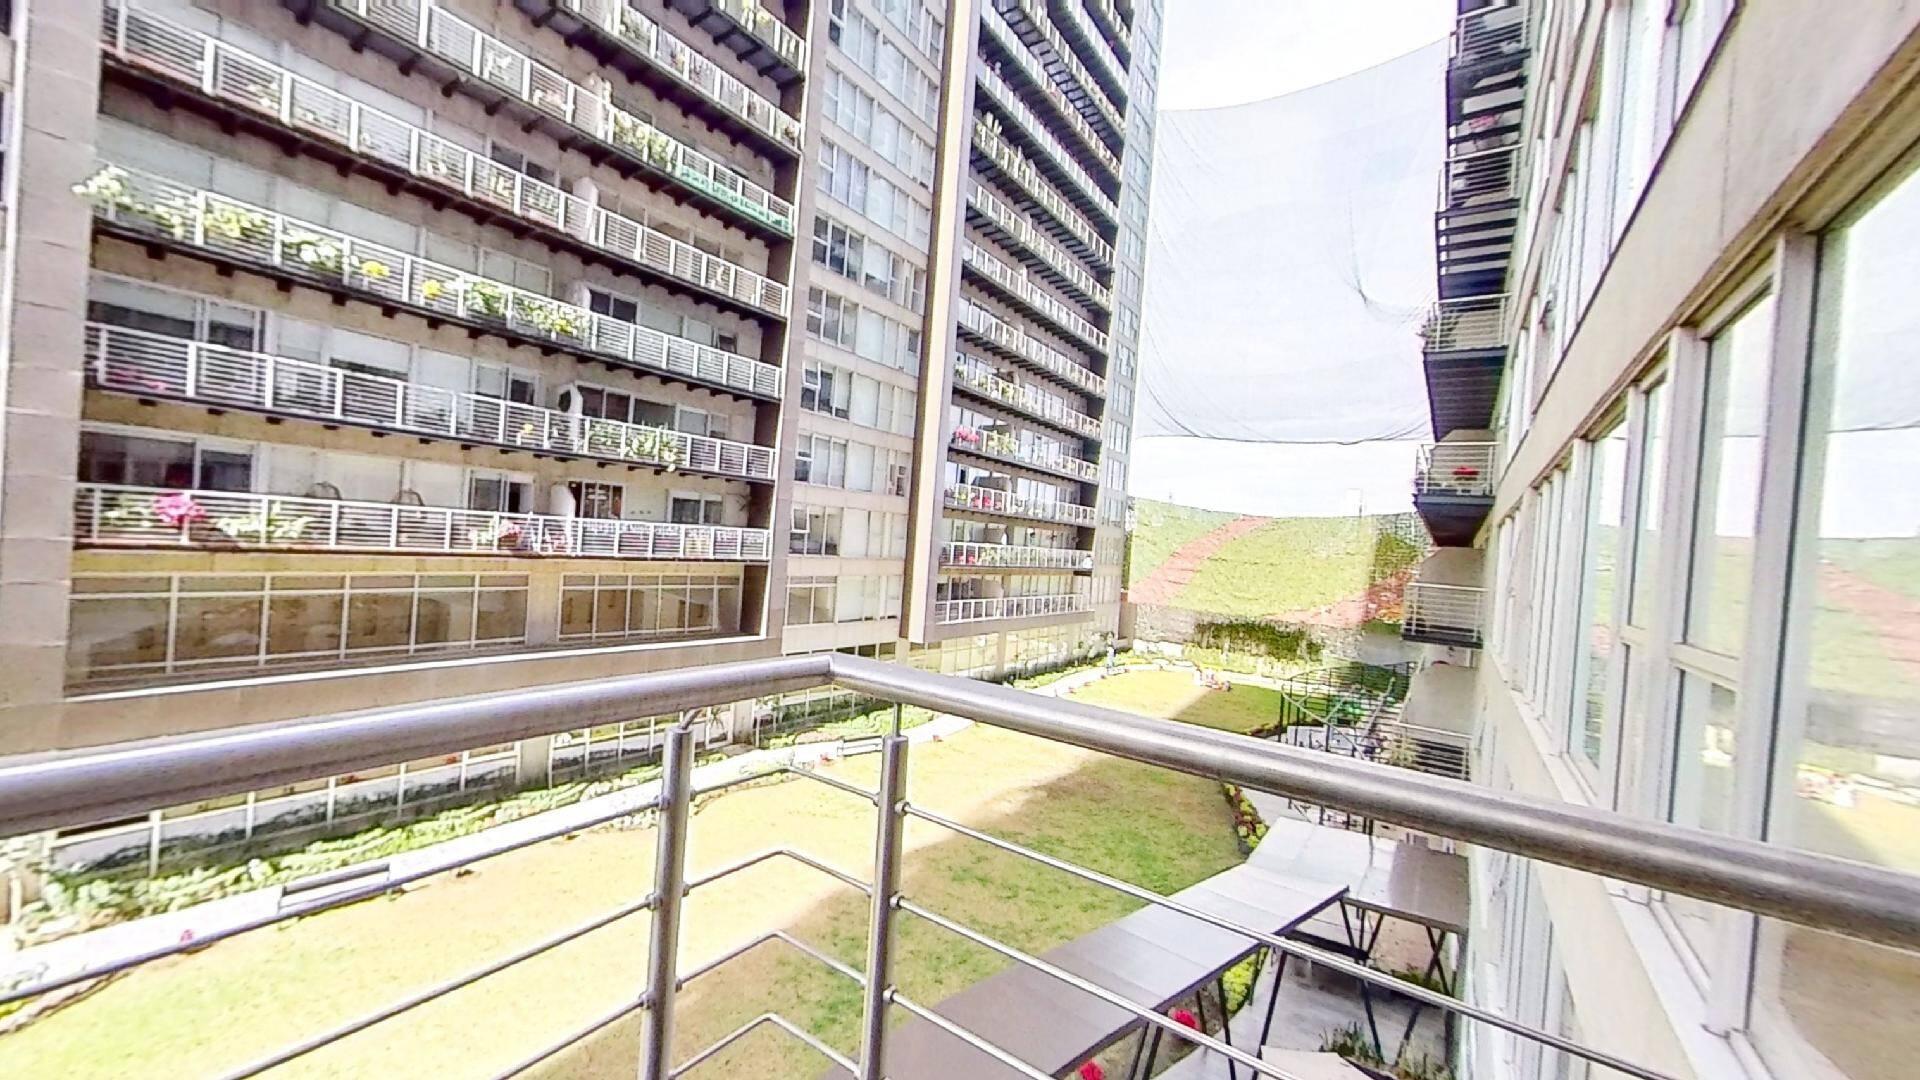 Venta departamento de 3 recámaras en City Towers Green, Colonia Santa Cruz. Terraza